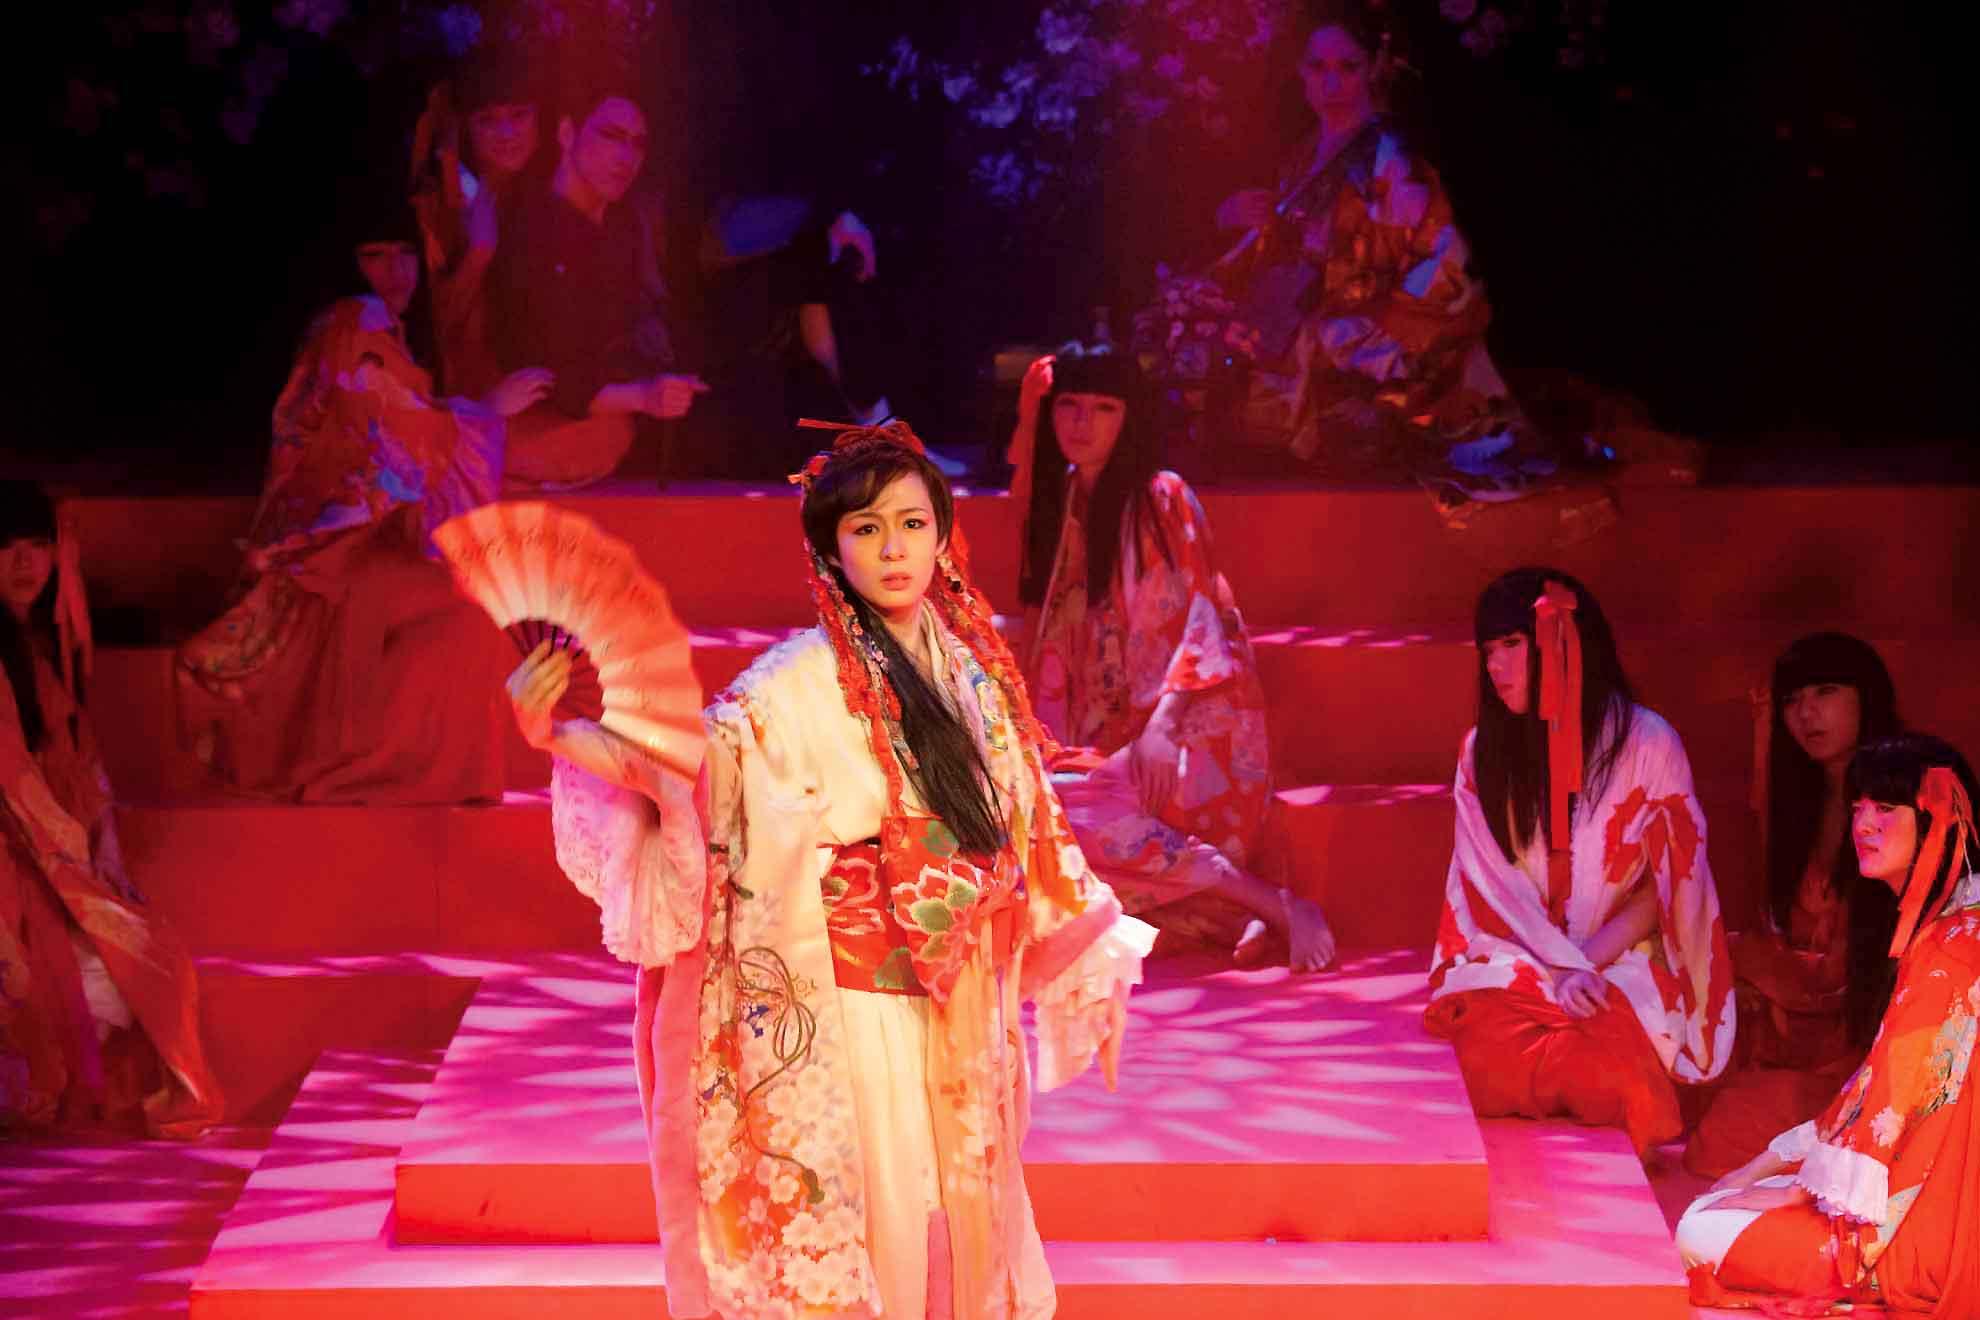 舞台新演出版「男おいらん」 蓮組